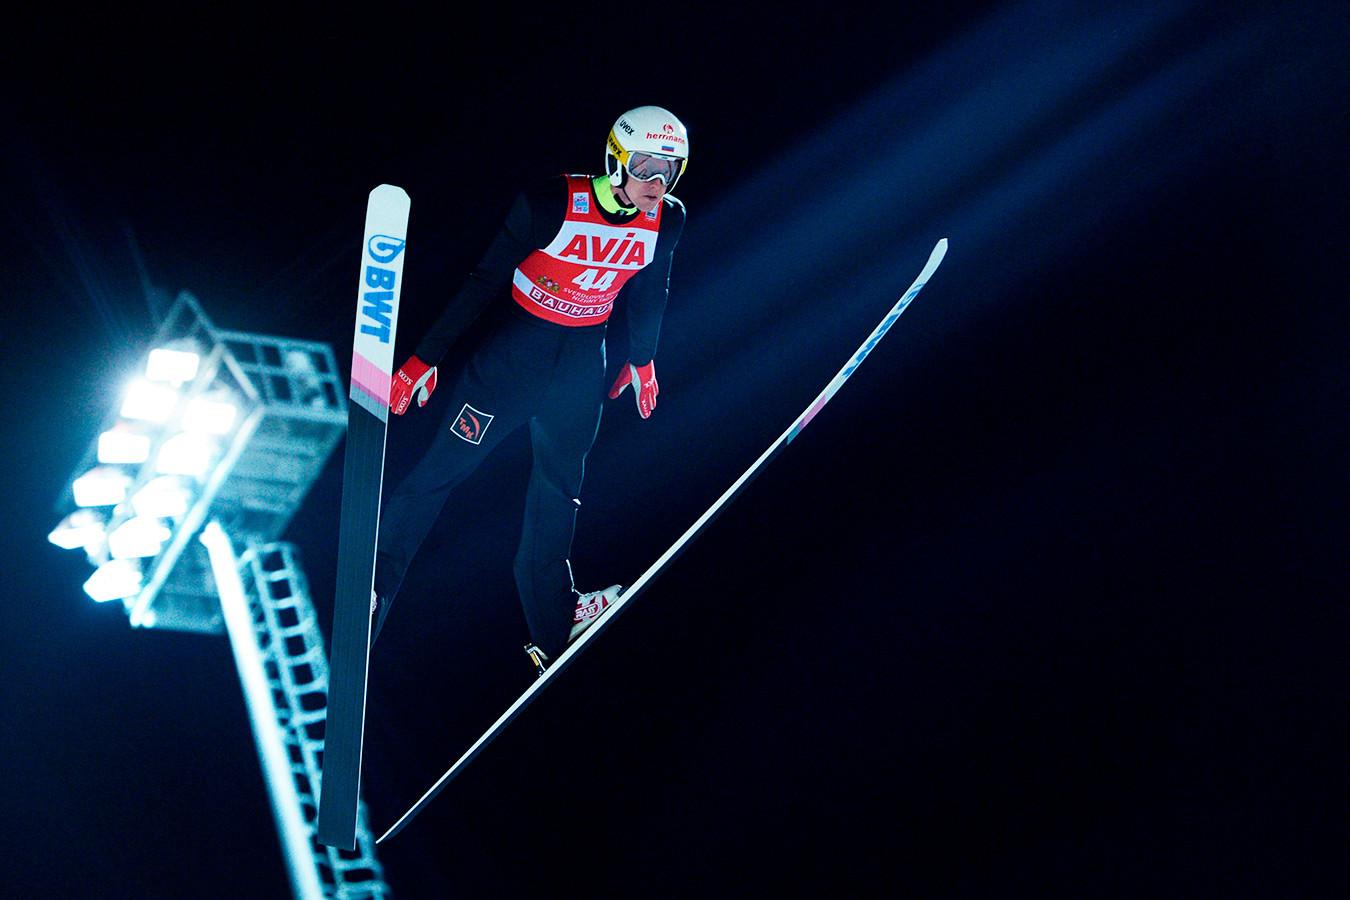 Поляк Жила завоевал золото ЧМ в прыжках на лыжах с трамплина, Климов — 18-й